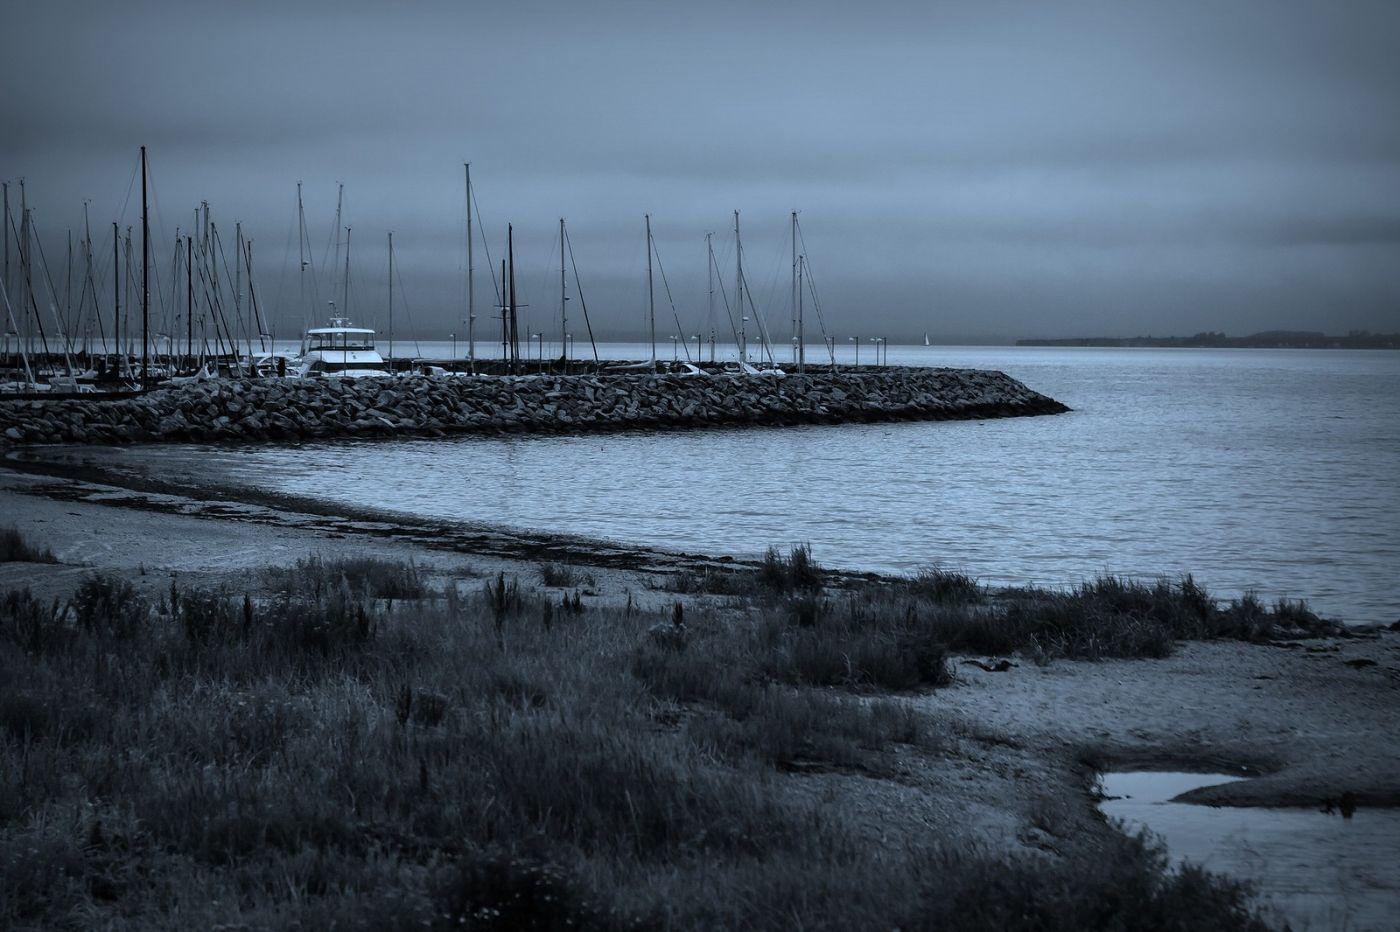 丹麦哥本哈根,坐船看市景_图1-19